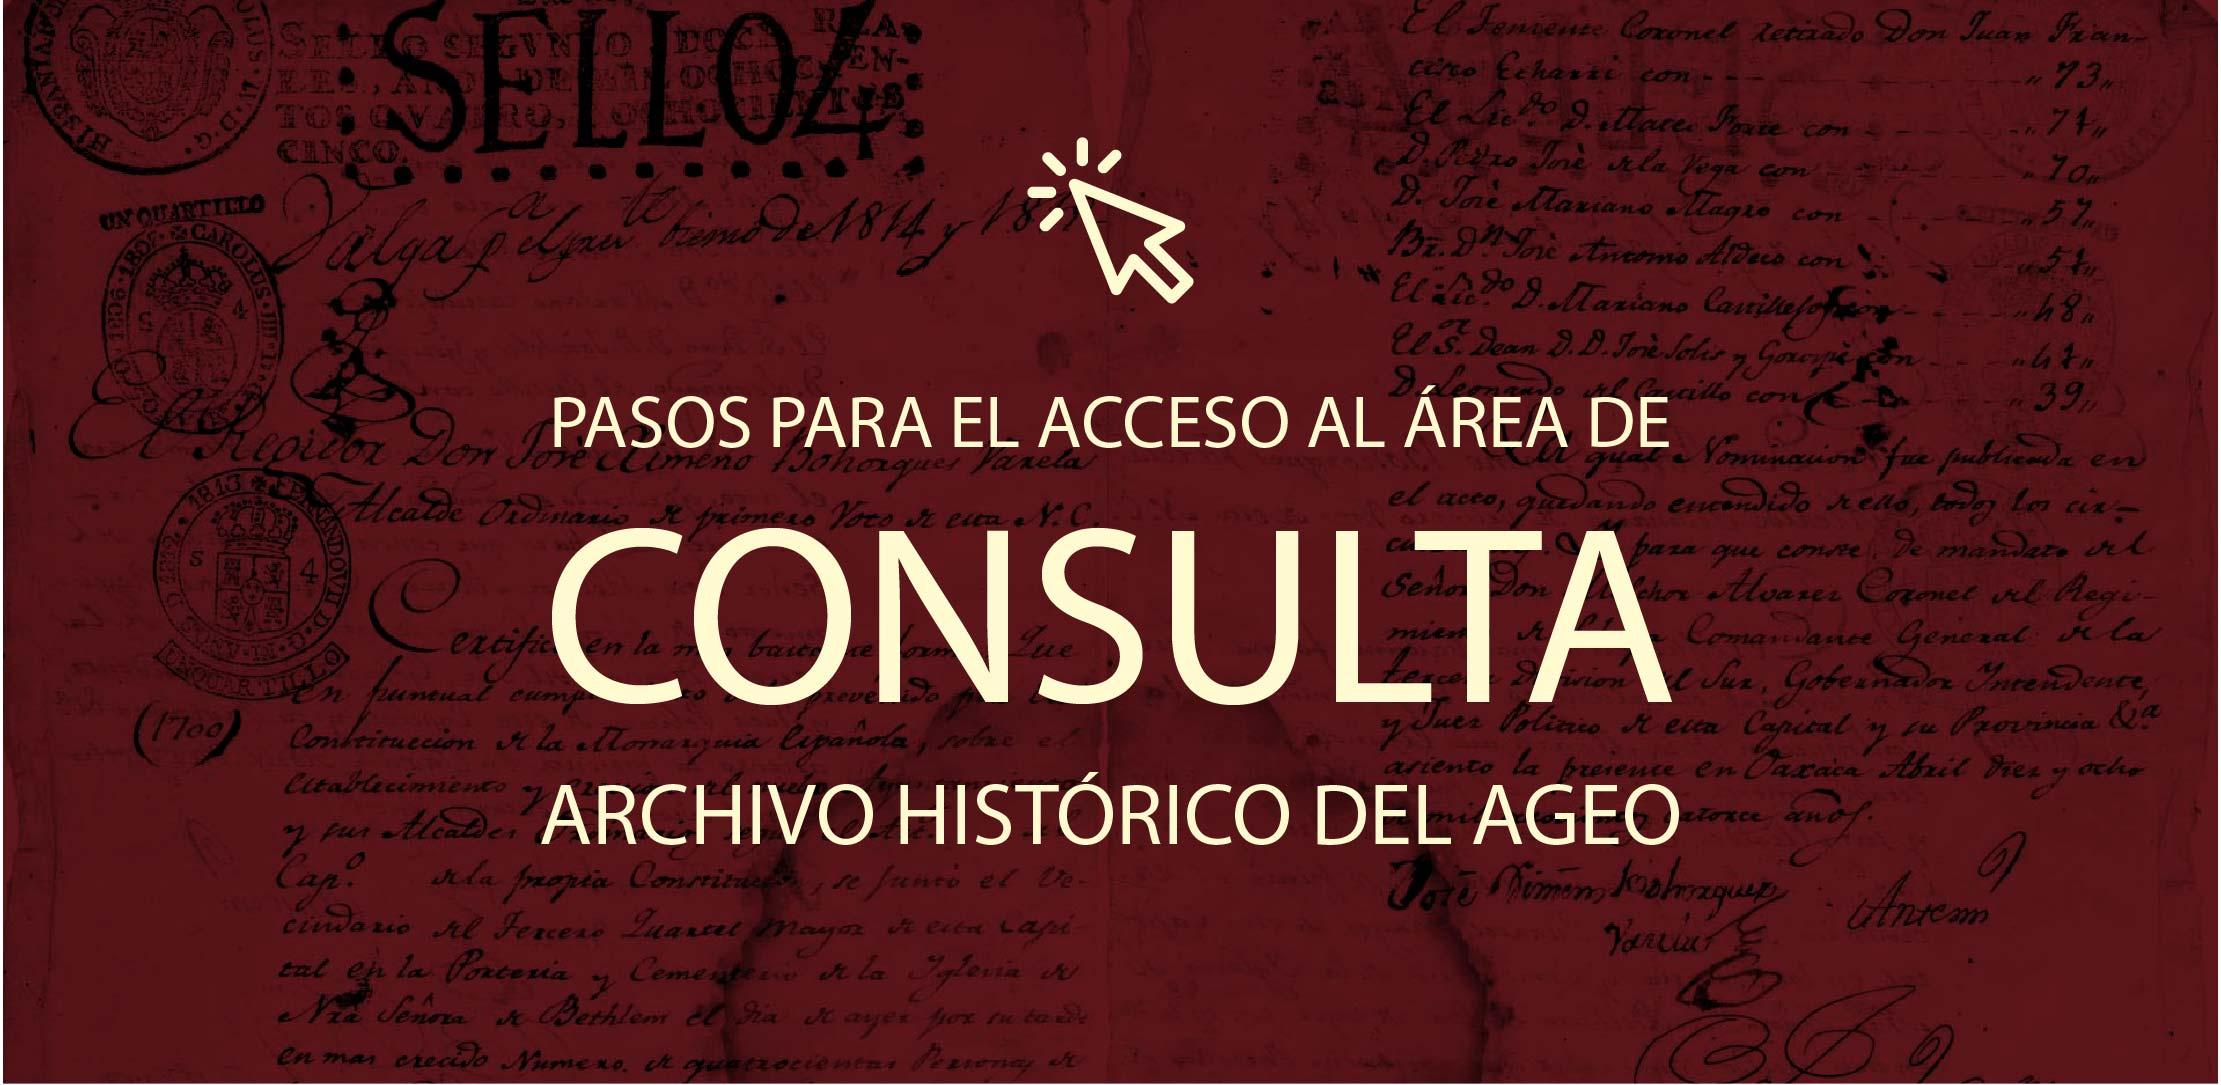 Consulta Archivo Historico